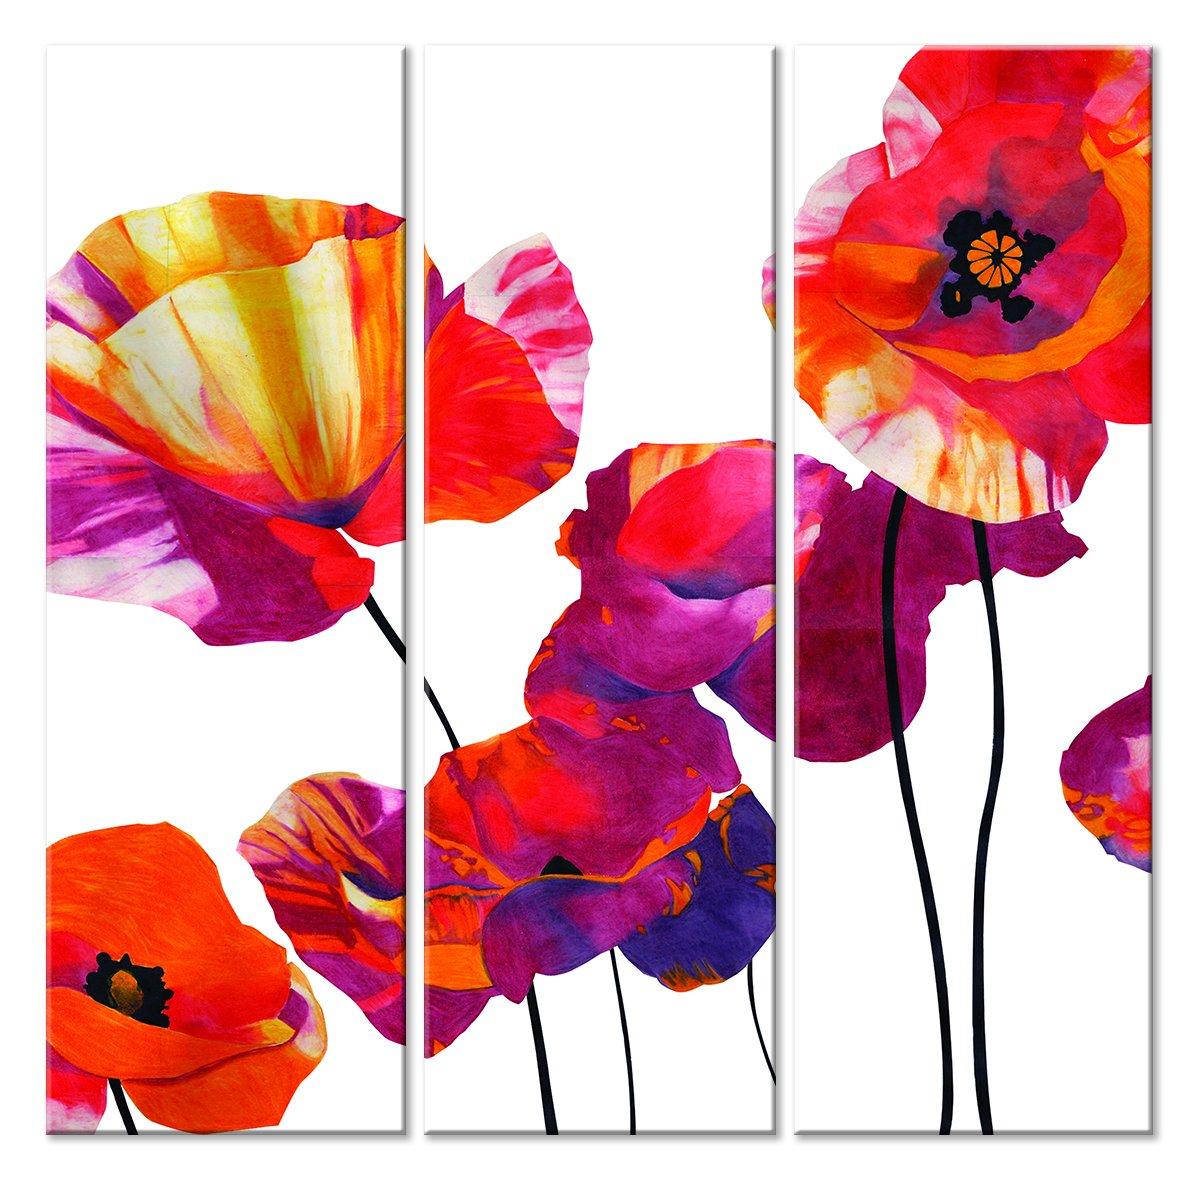 Модульная картина «Маки»Цветы<br>Модульная картина на натуральном холсте и деревянном подрамнике. Подвес в комплекте. Трехслойная надежная упаковка. Доставим в любую точку России. Вам осталось только повесить картину на стену!<br>